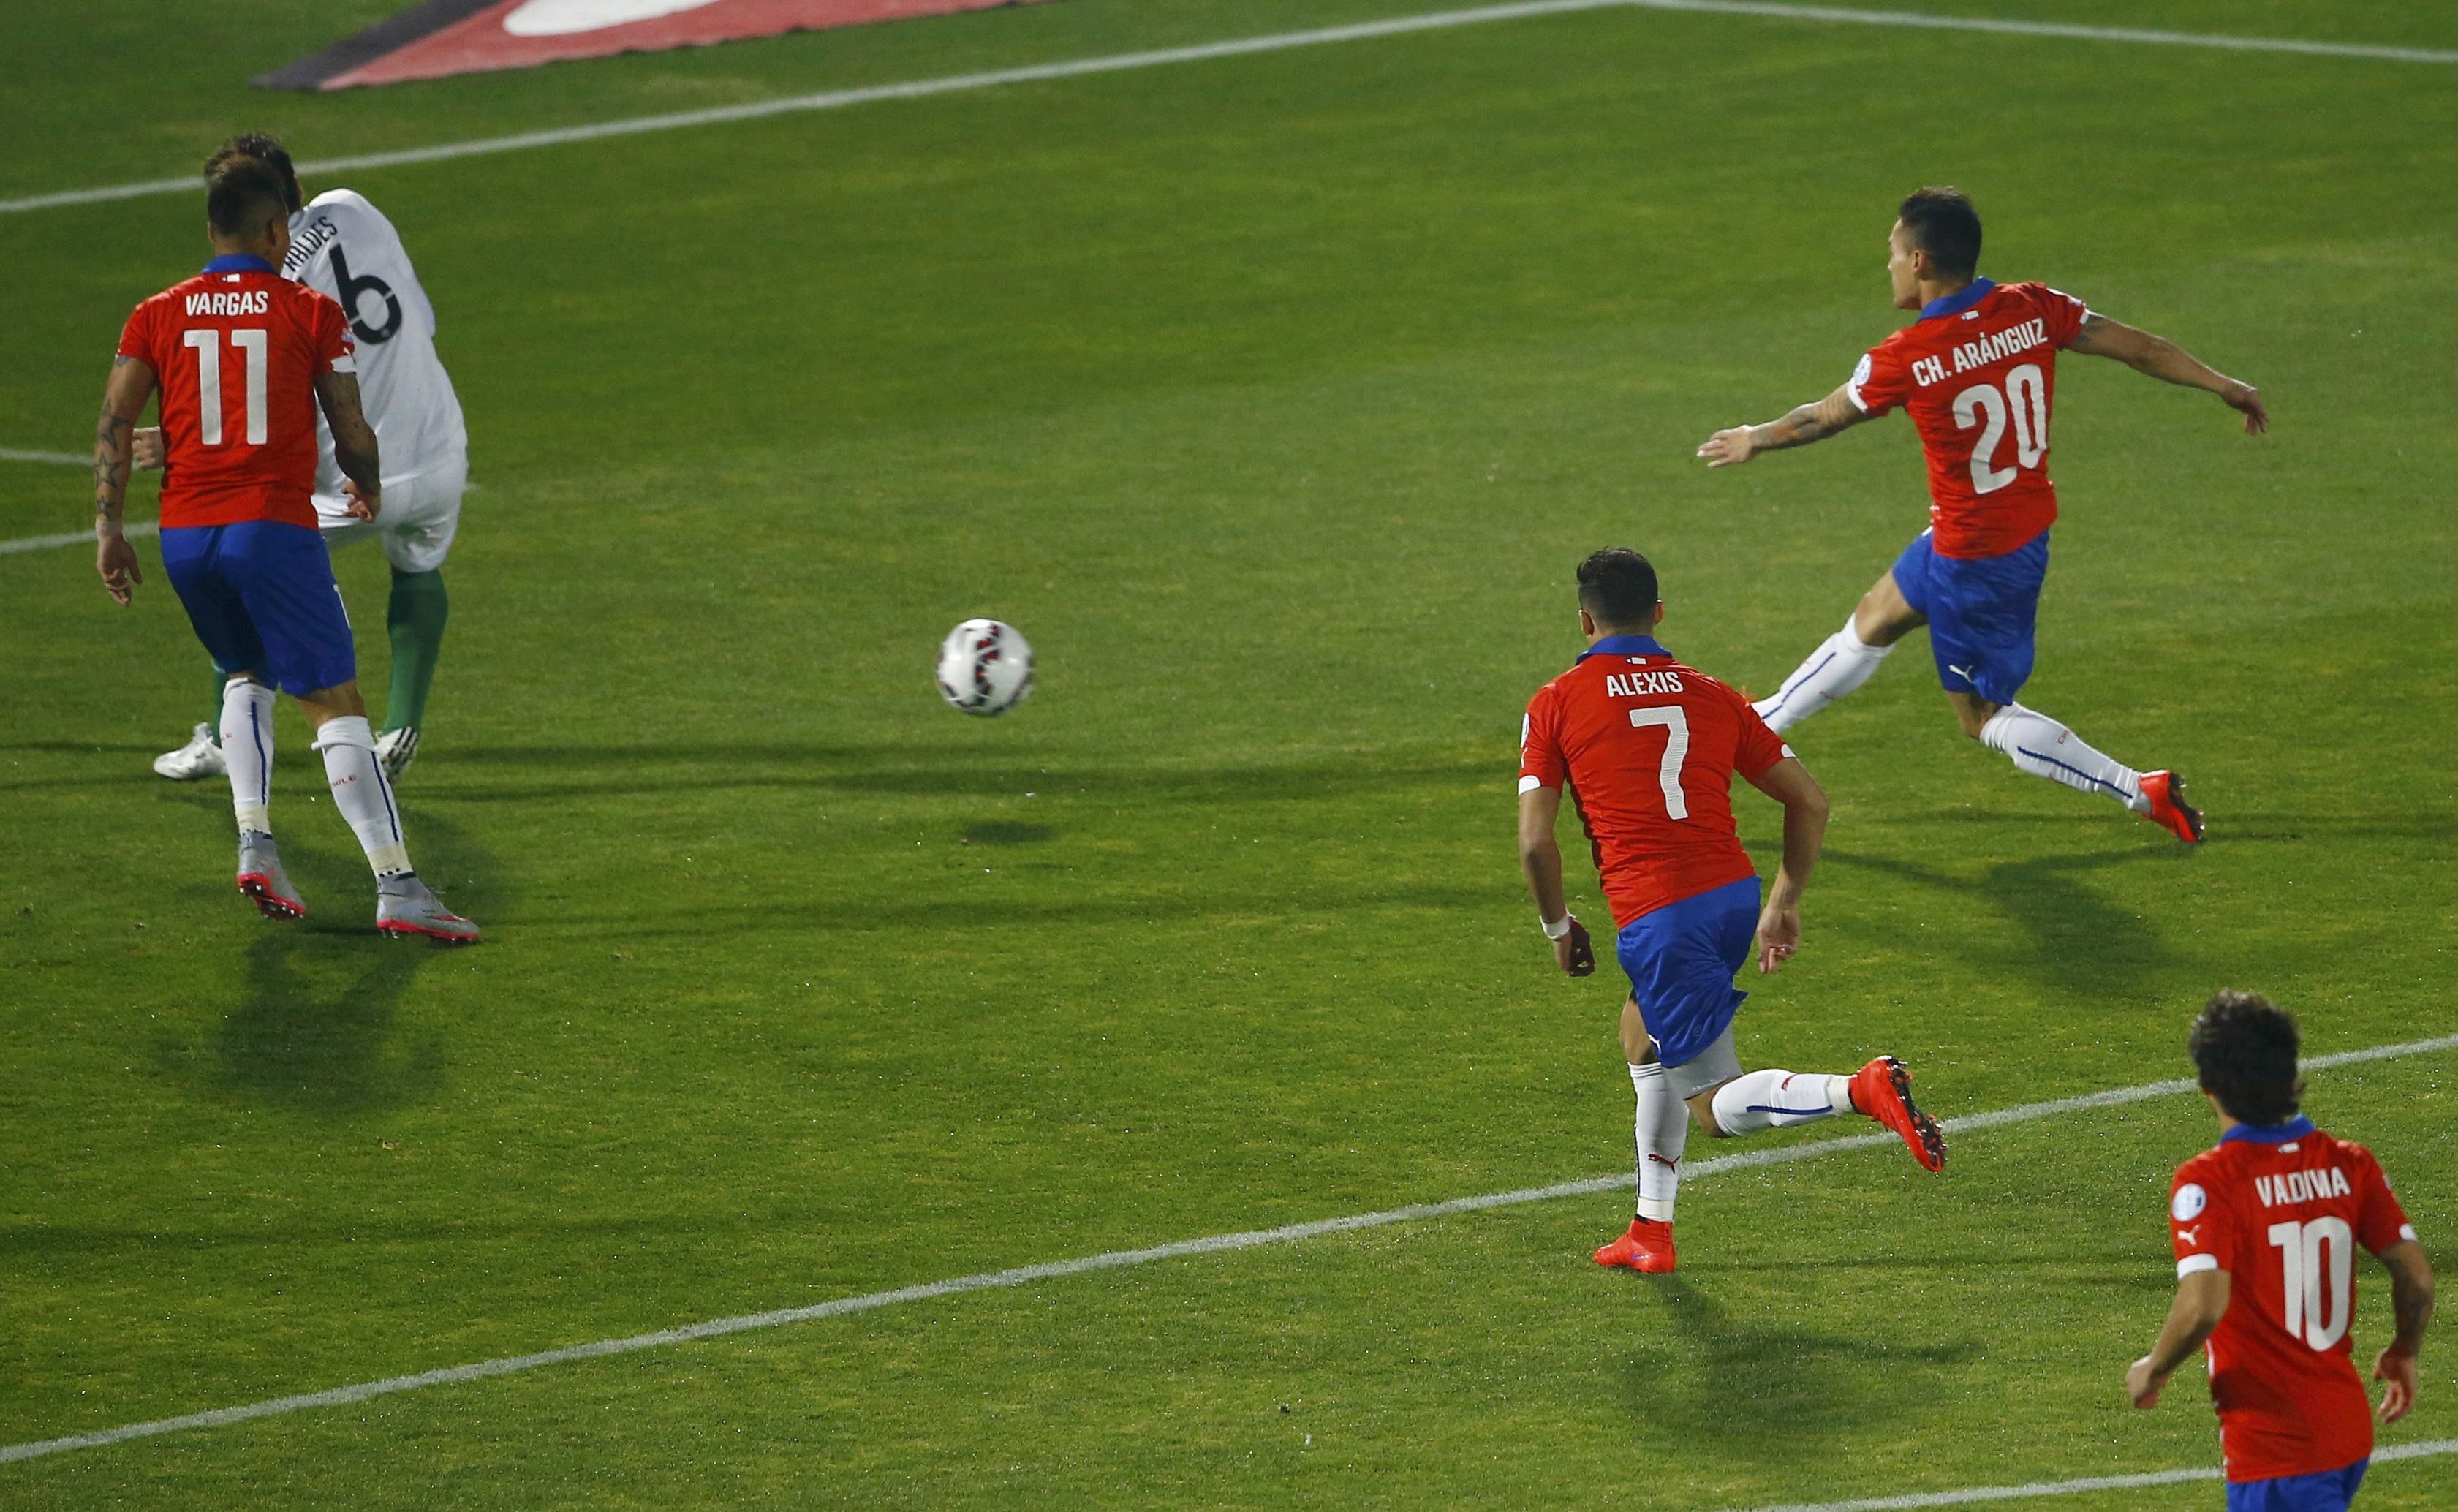 Charles Aránguis saca el remate y convierte el primero de Chile que abrió camino a la goleada.